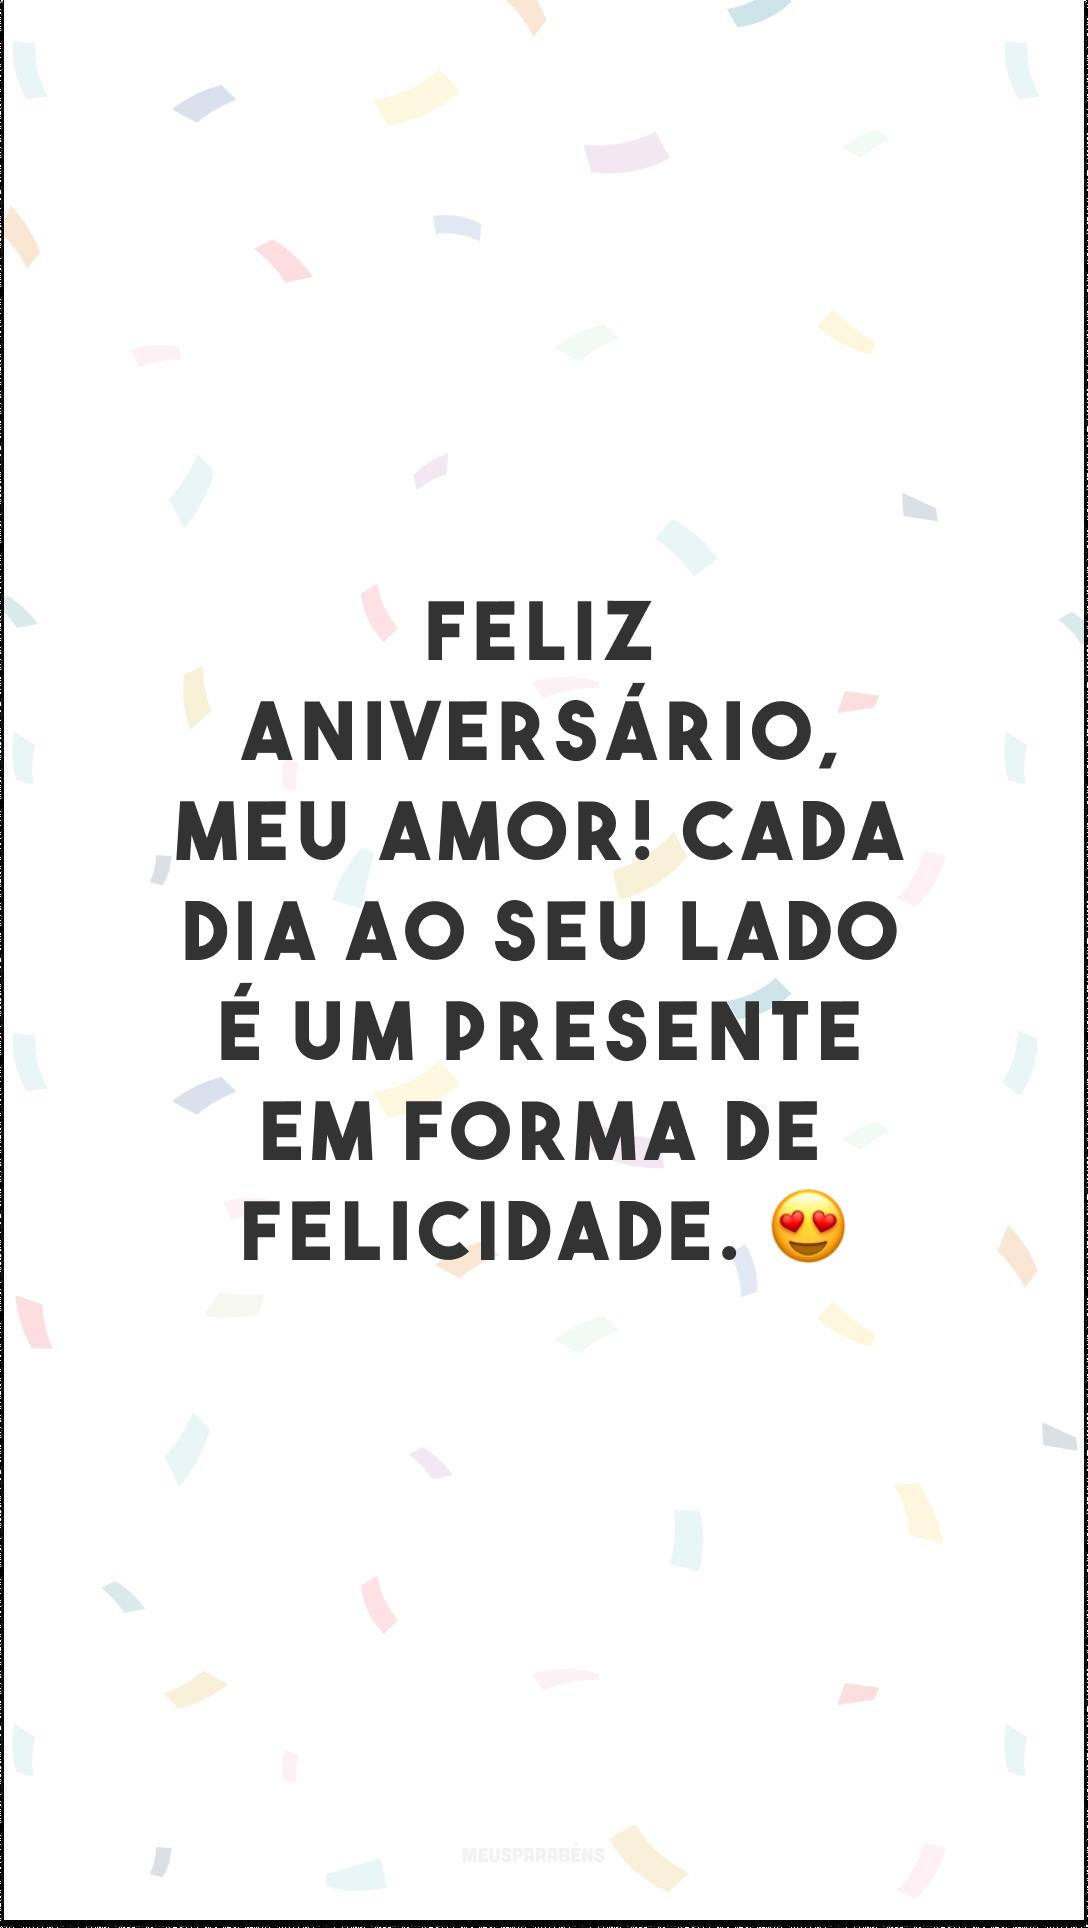 Feliz aniversário, meu amor! Cada dia ao seu lado é um presente em forma de felicidade. 😍